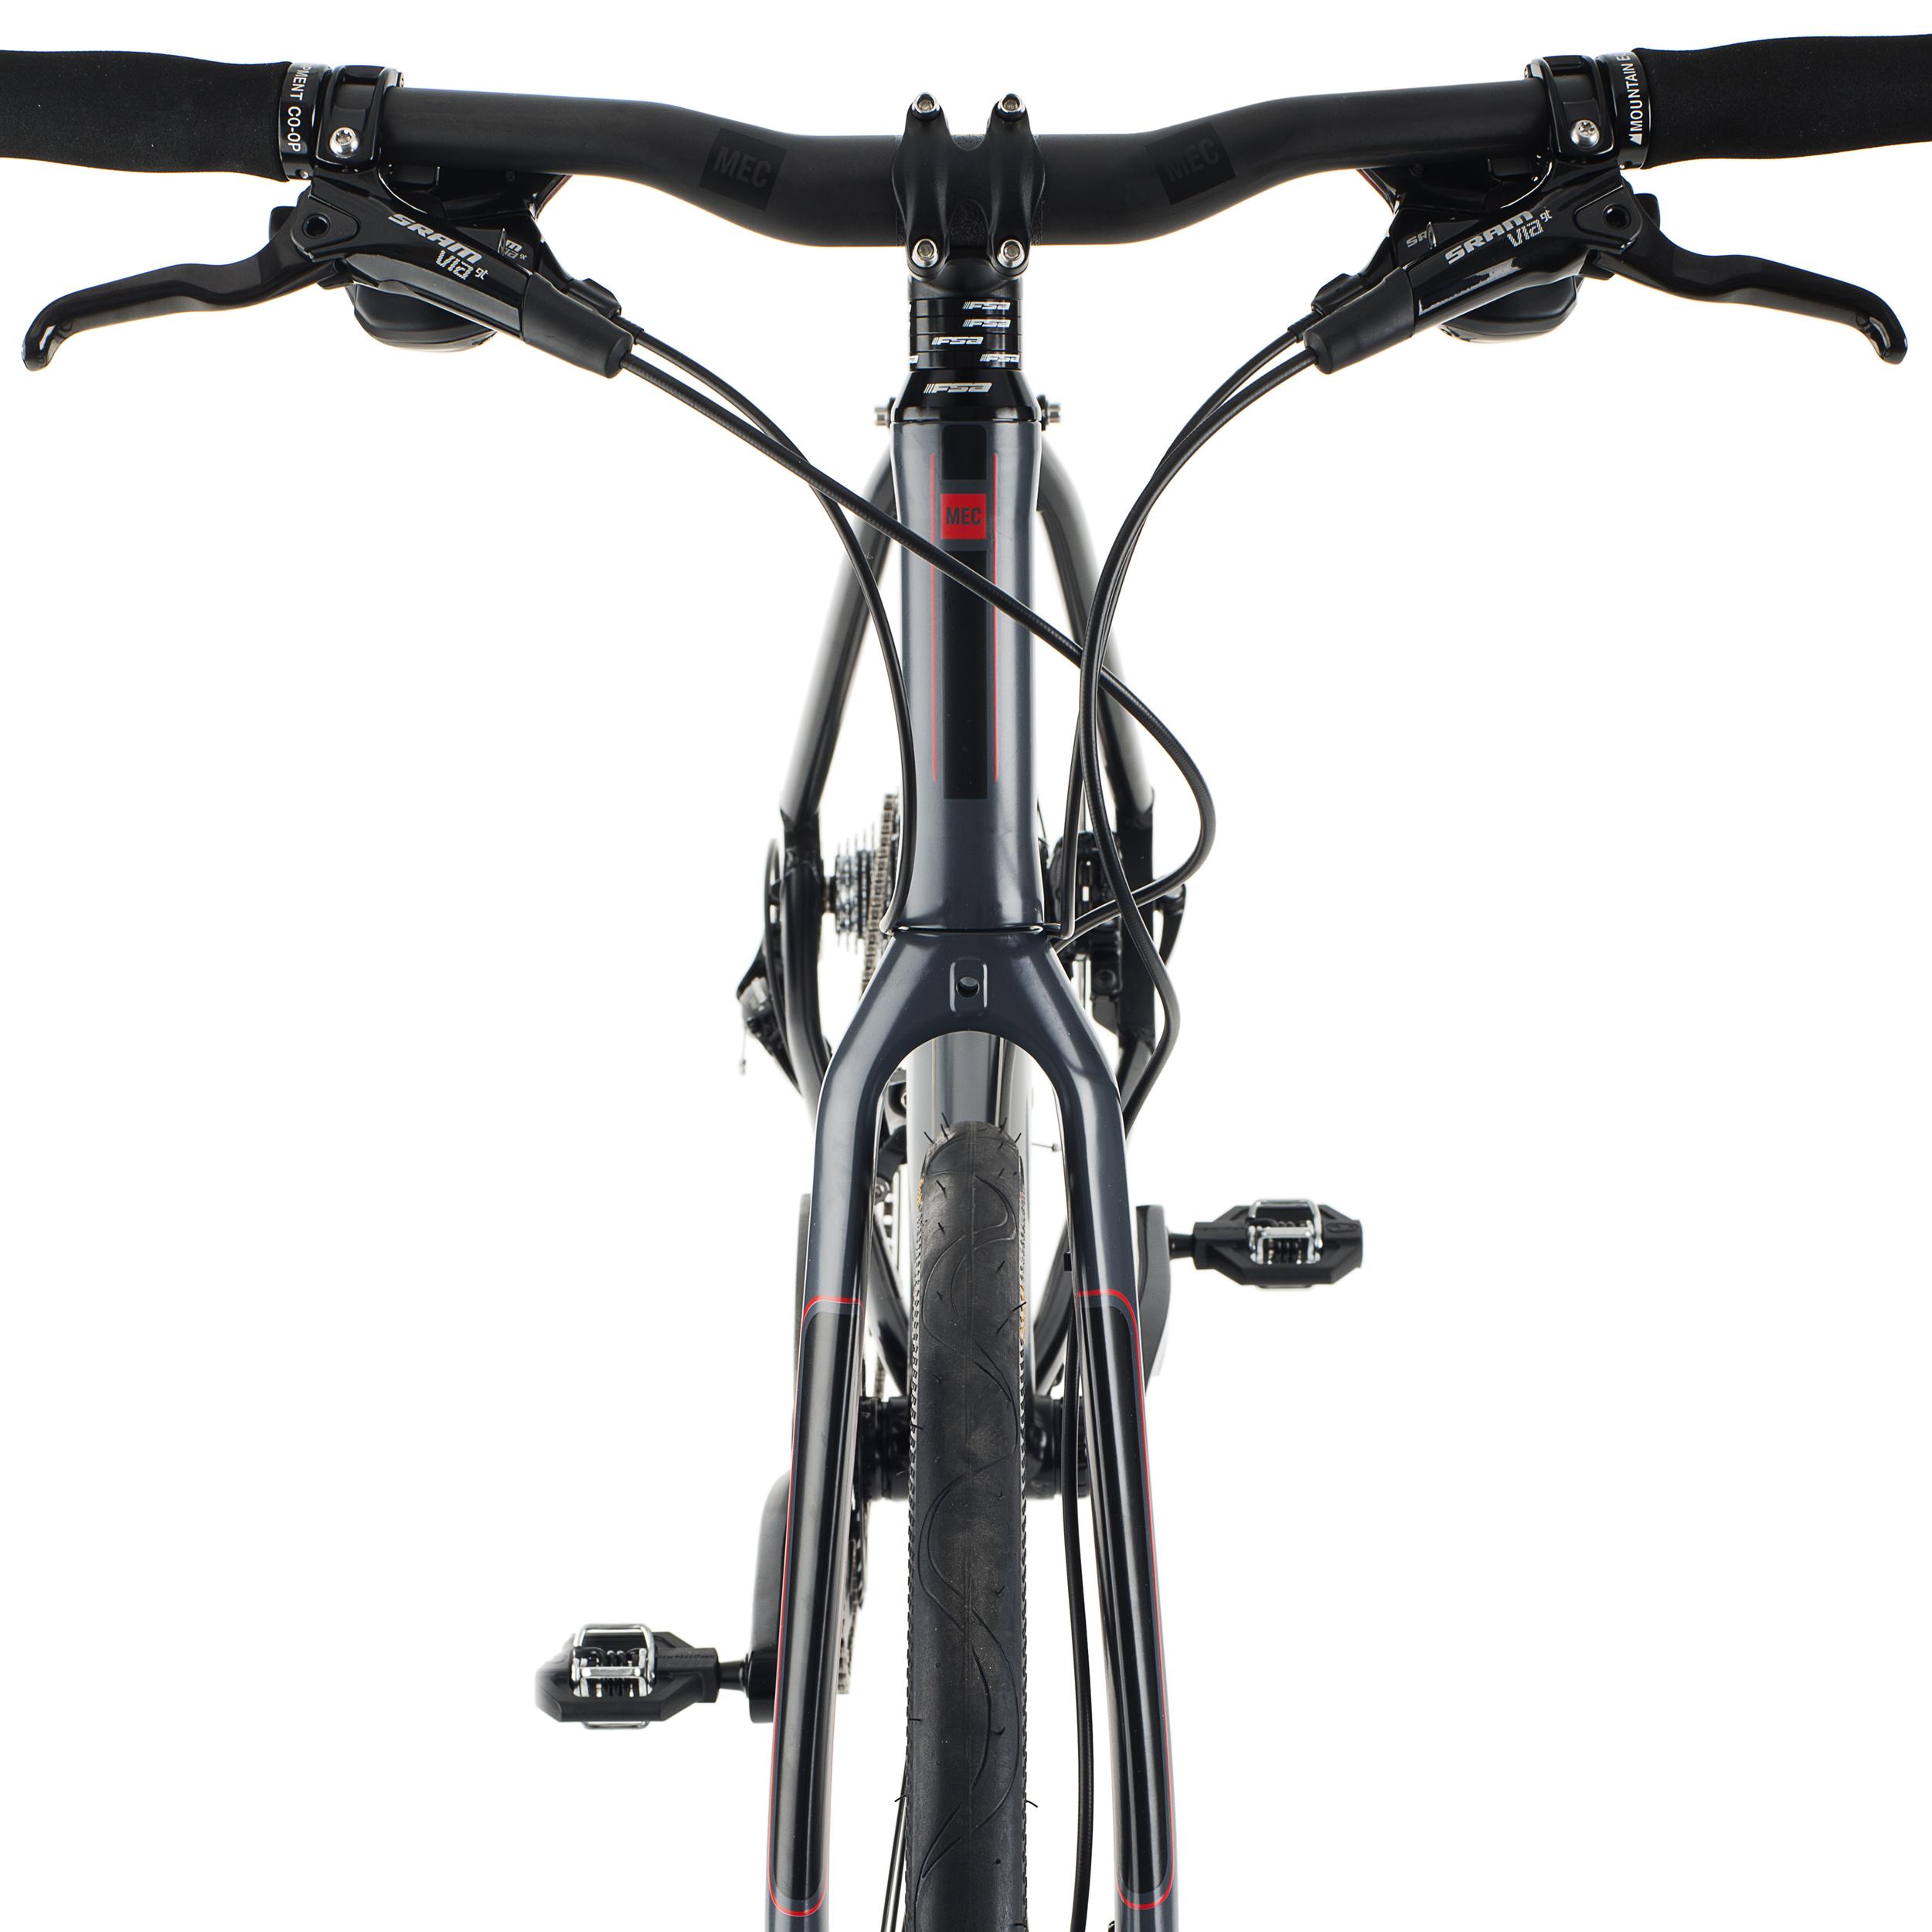 Kiger Full Carbon Saddle Carbon Fiber Saddle For MTB Road Bike Bicycle